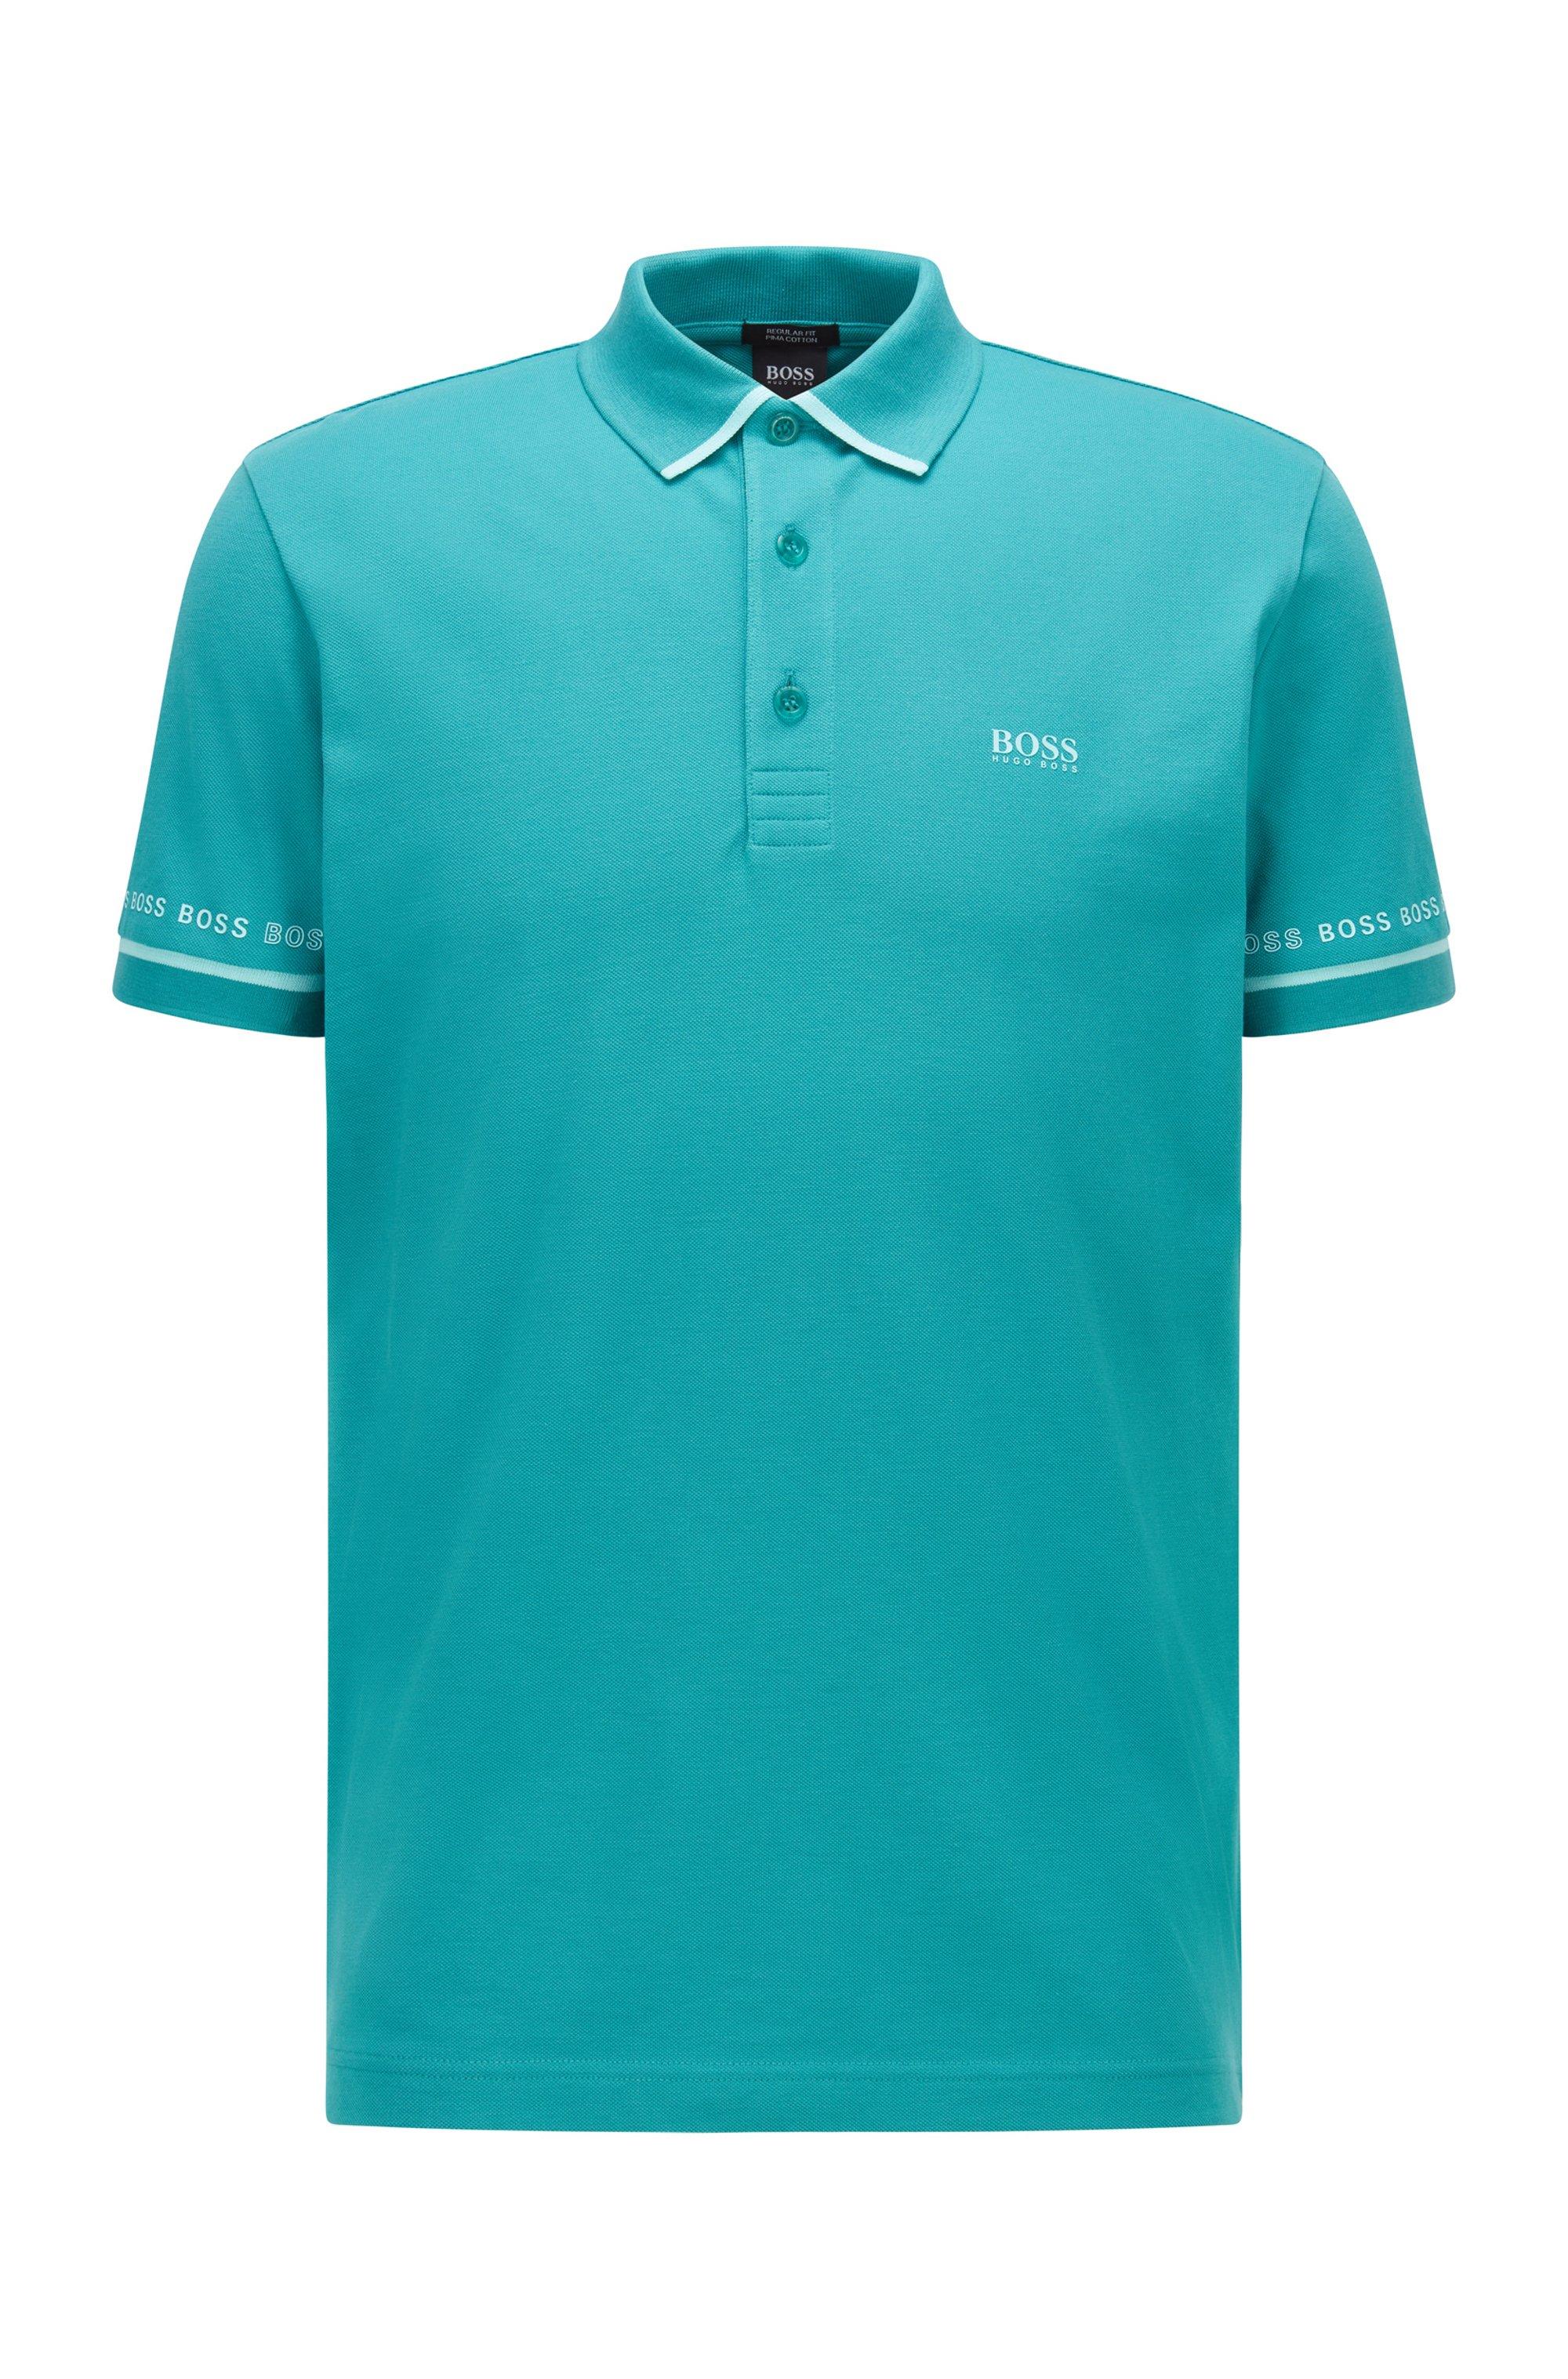 Piqué-Poloshirt aus Pima-Baumwolle mit Logo-Details, Türkis